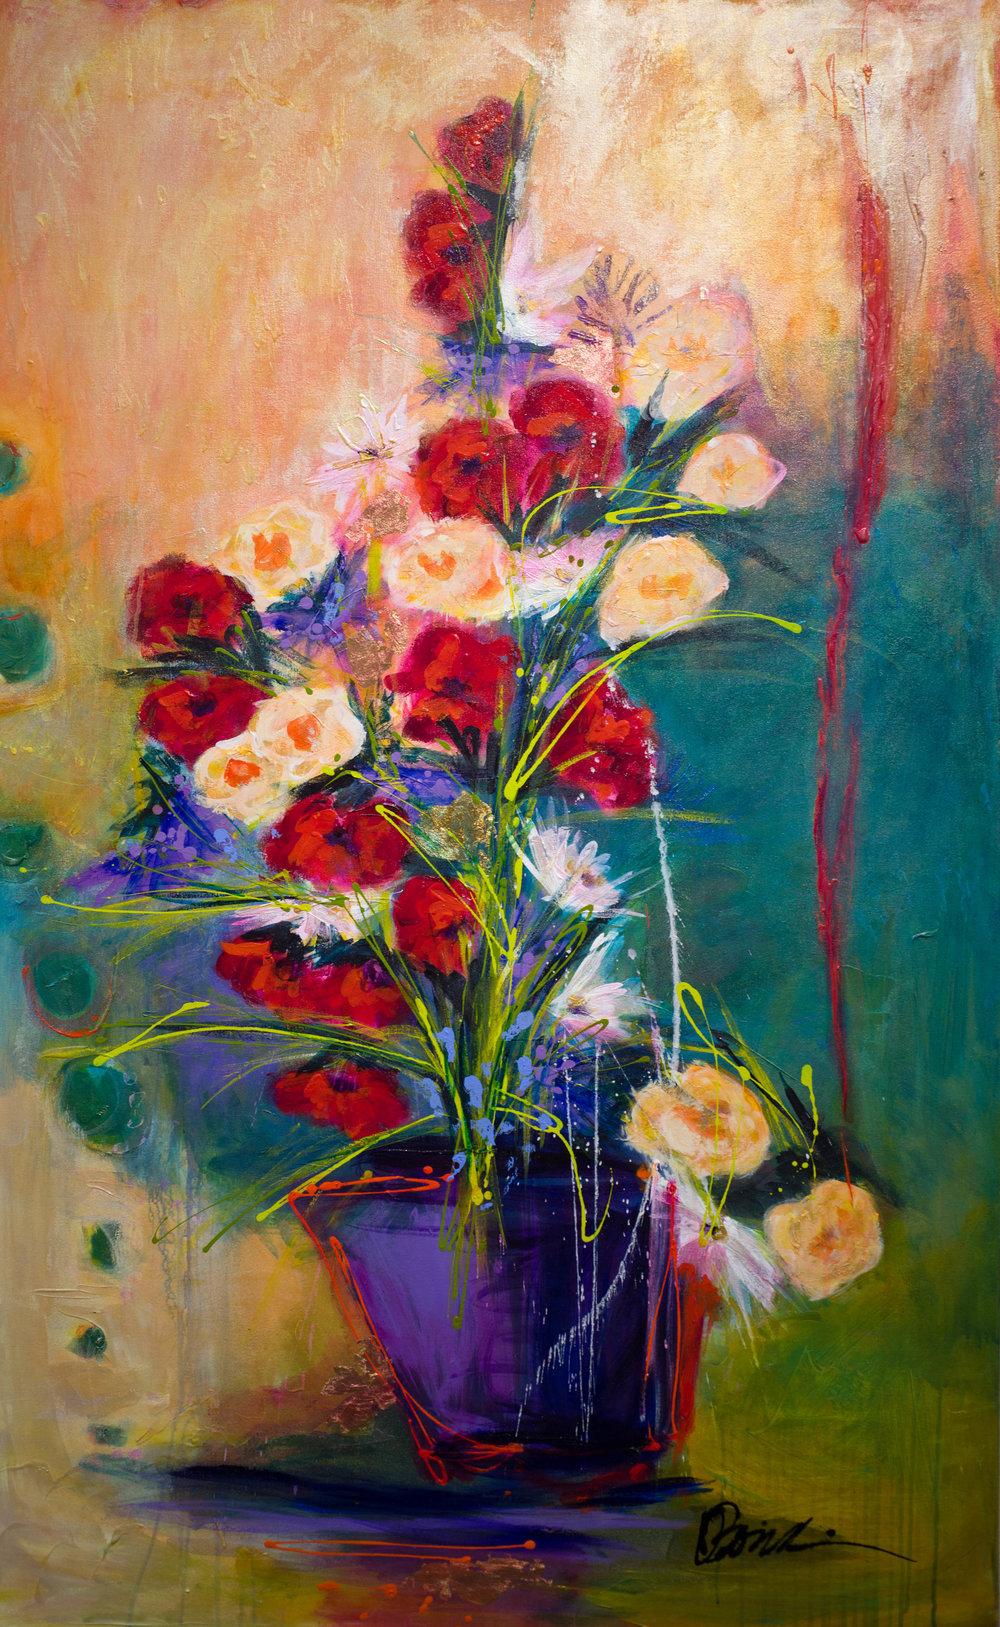 - Red Silk Ribbon (63x39) $7800